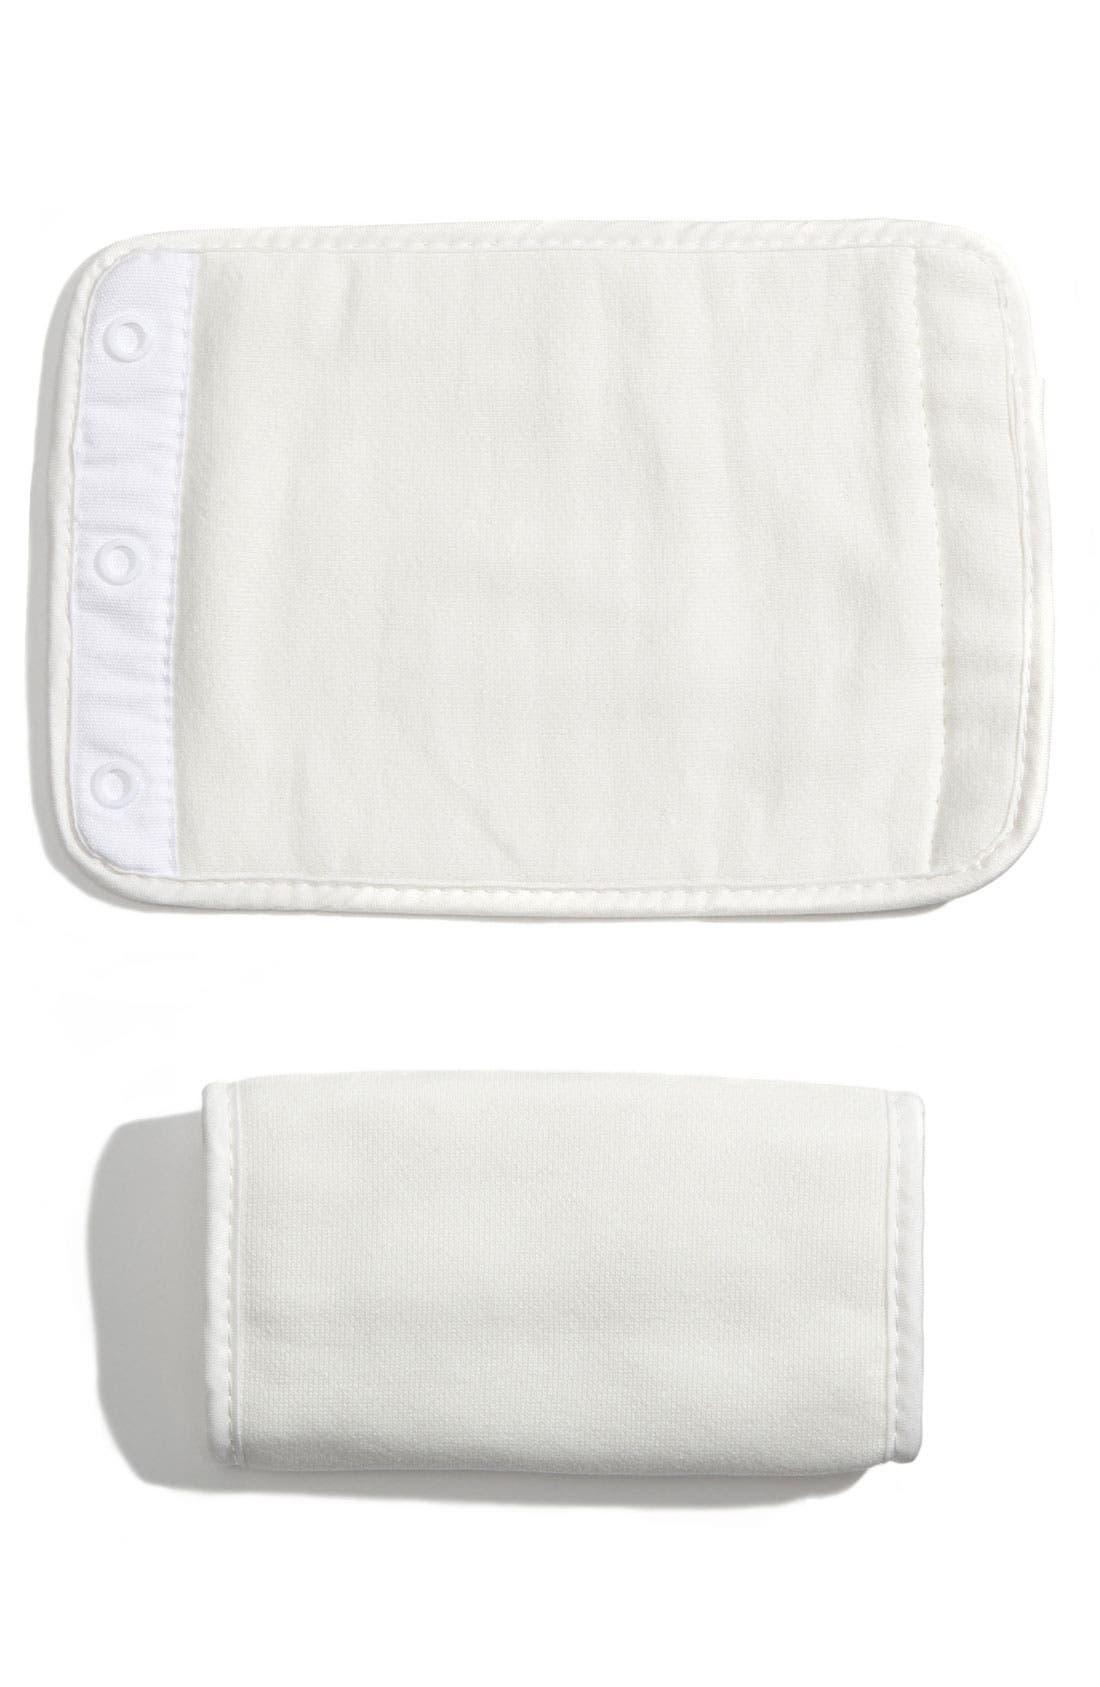 Main Image - ERGObaby Teething Pads (Set of 2)